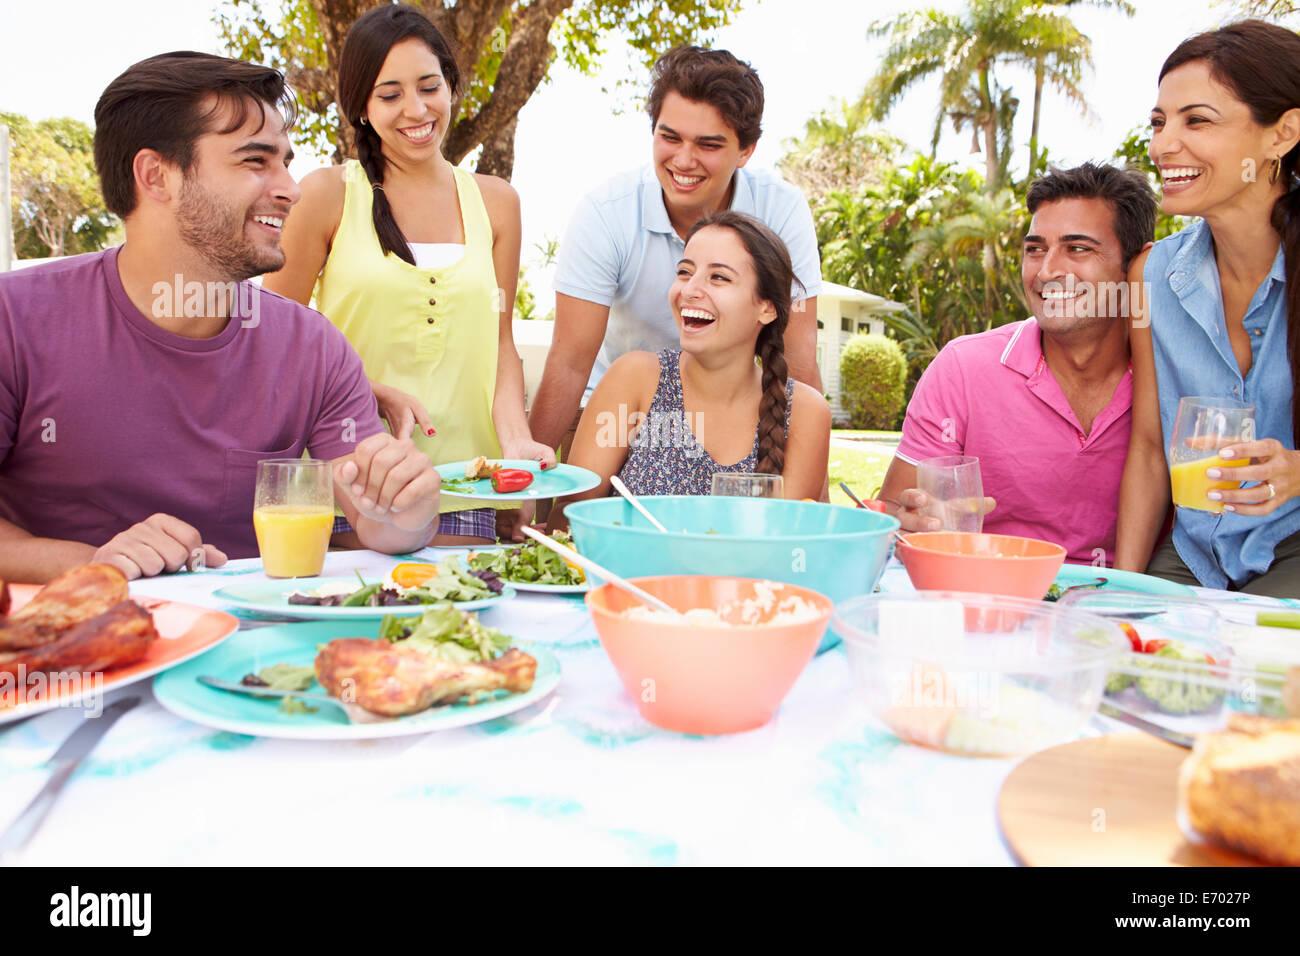 Gruppo di amici celebrando godendo di pasto nel giardino di casa Immagini Stock